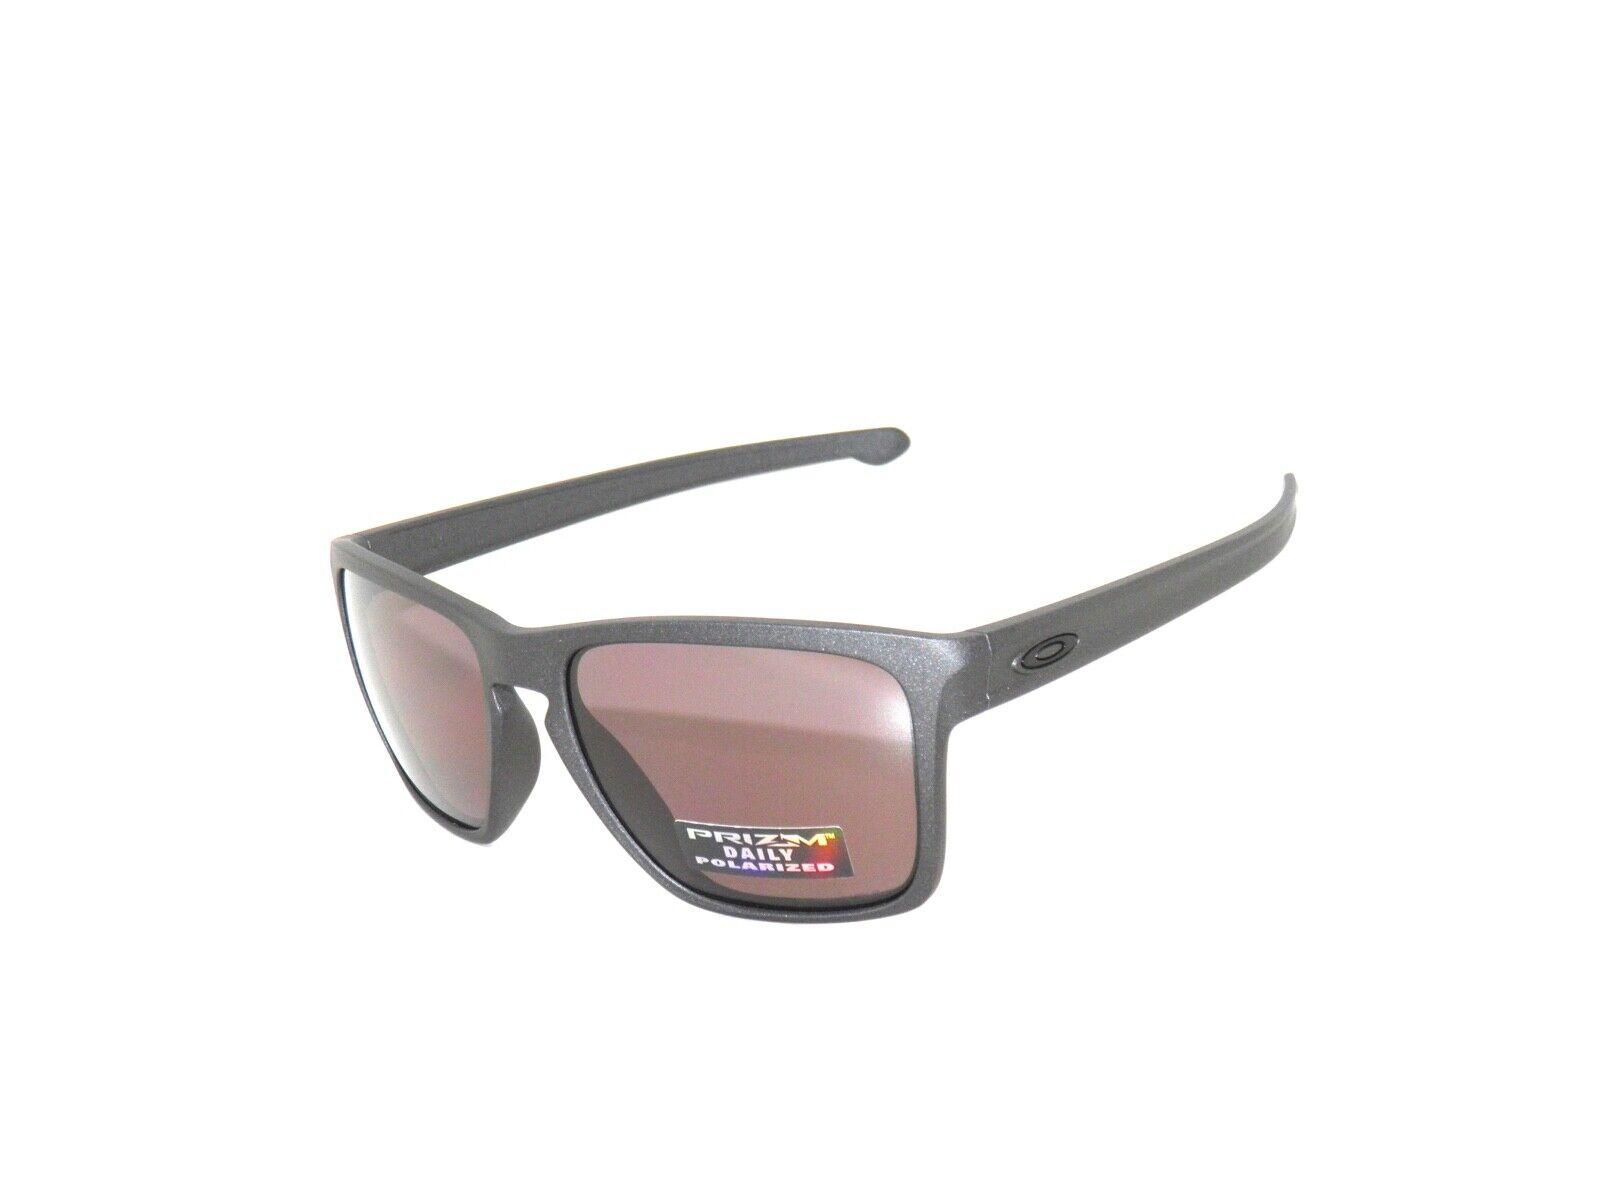 d467f4d7ac53e Oakley Sunglasses Sliver XL Prizm Daily Polarized 9346 08 HDO for ...